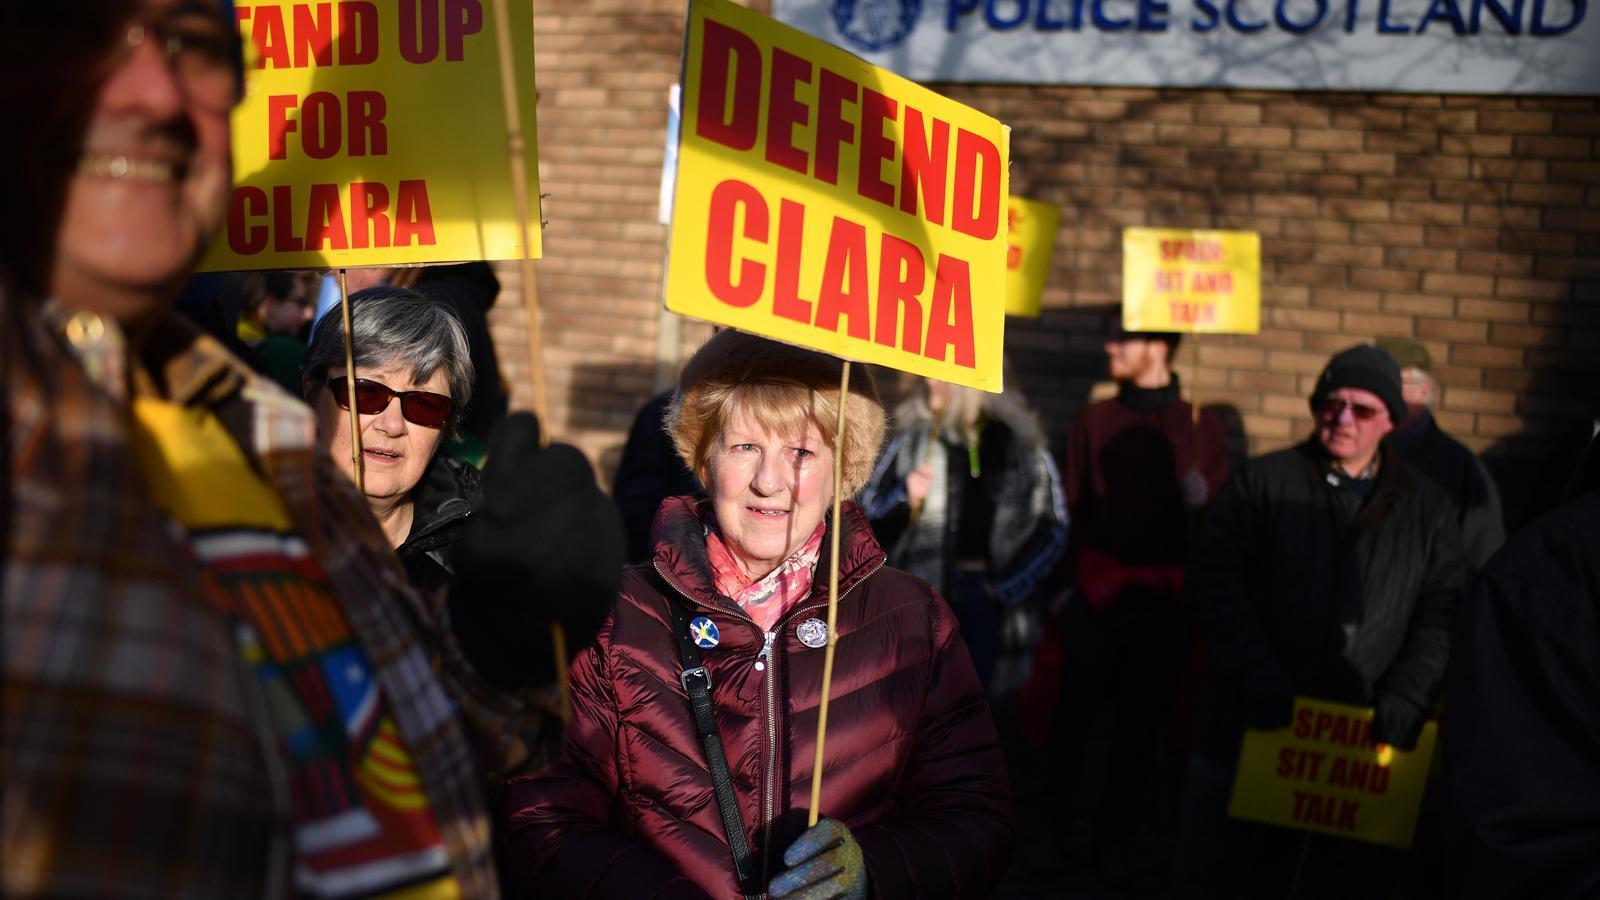 Manifestants a les portes de la comissaria de policia de St Leonard, a Edimburg, aquest dijous, en suport de Clara Ponsatí / JAMES J. MITCHELL / GETTY IMAGES